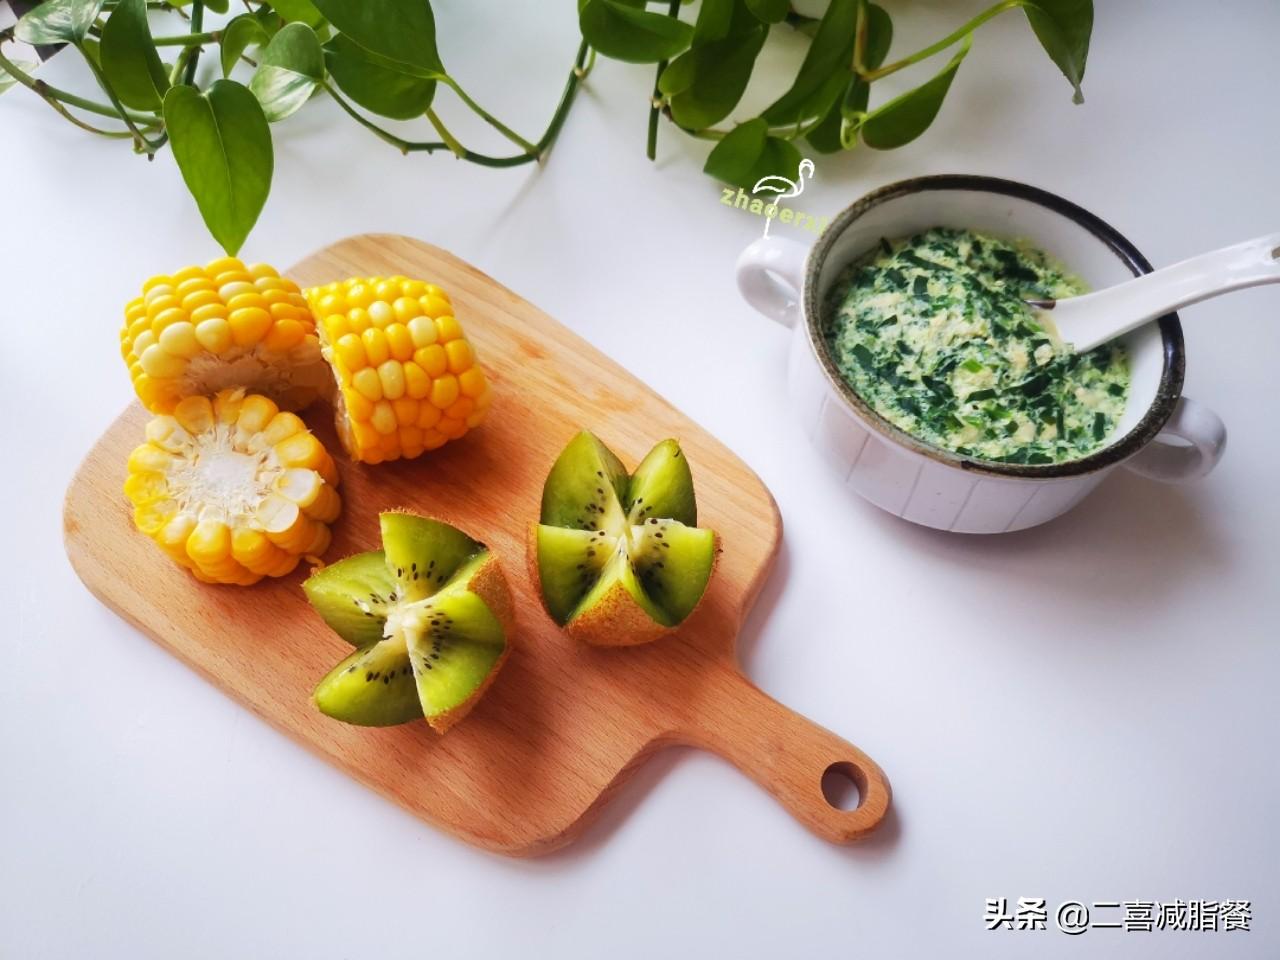 减脂早餐167:杂粮、水果、鸡蛋、肉、蔬菜都有了,360大卡 减肥菜谱做法 第1张